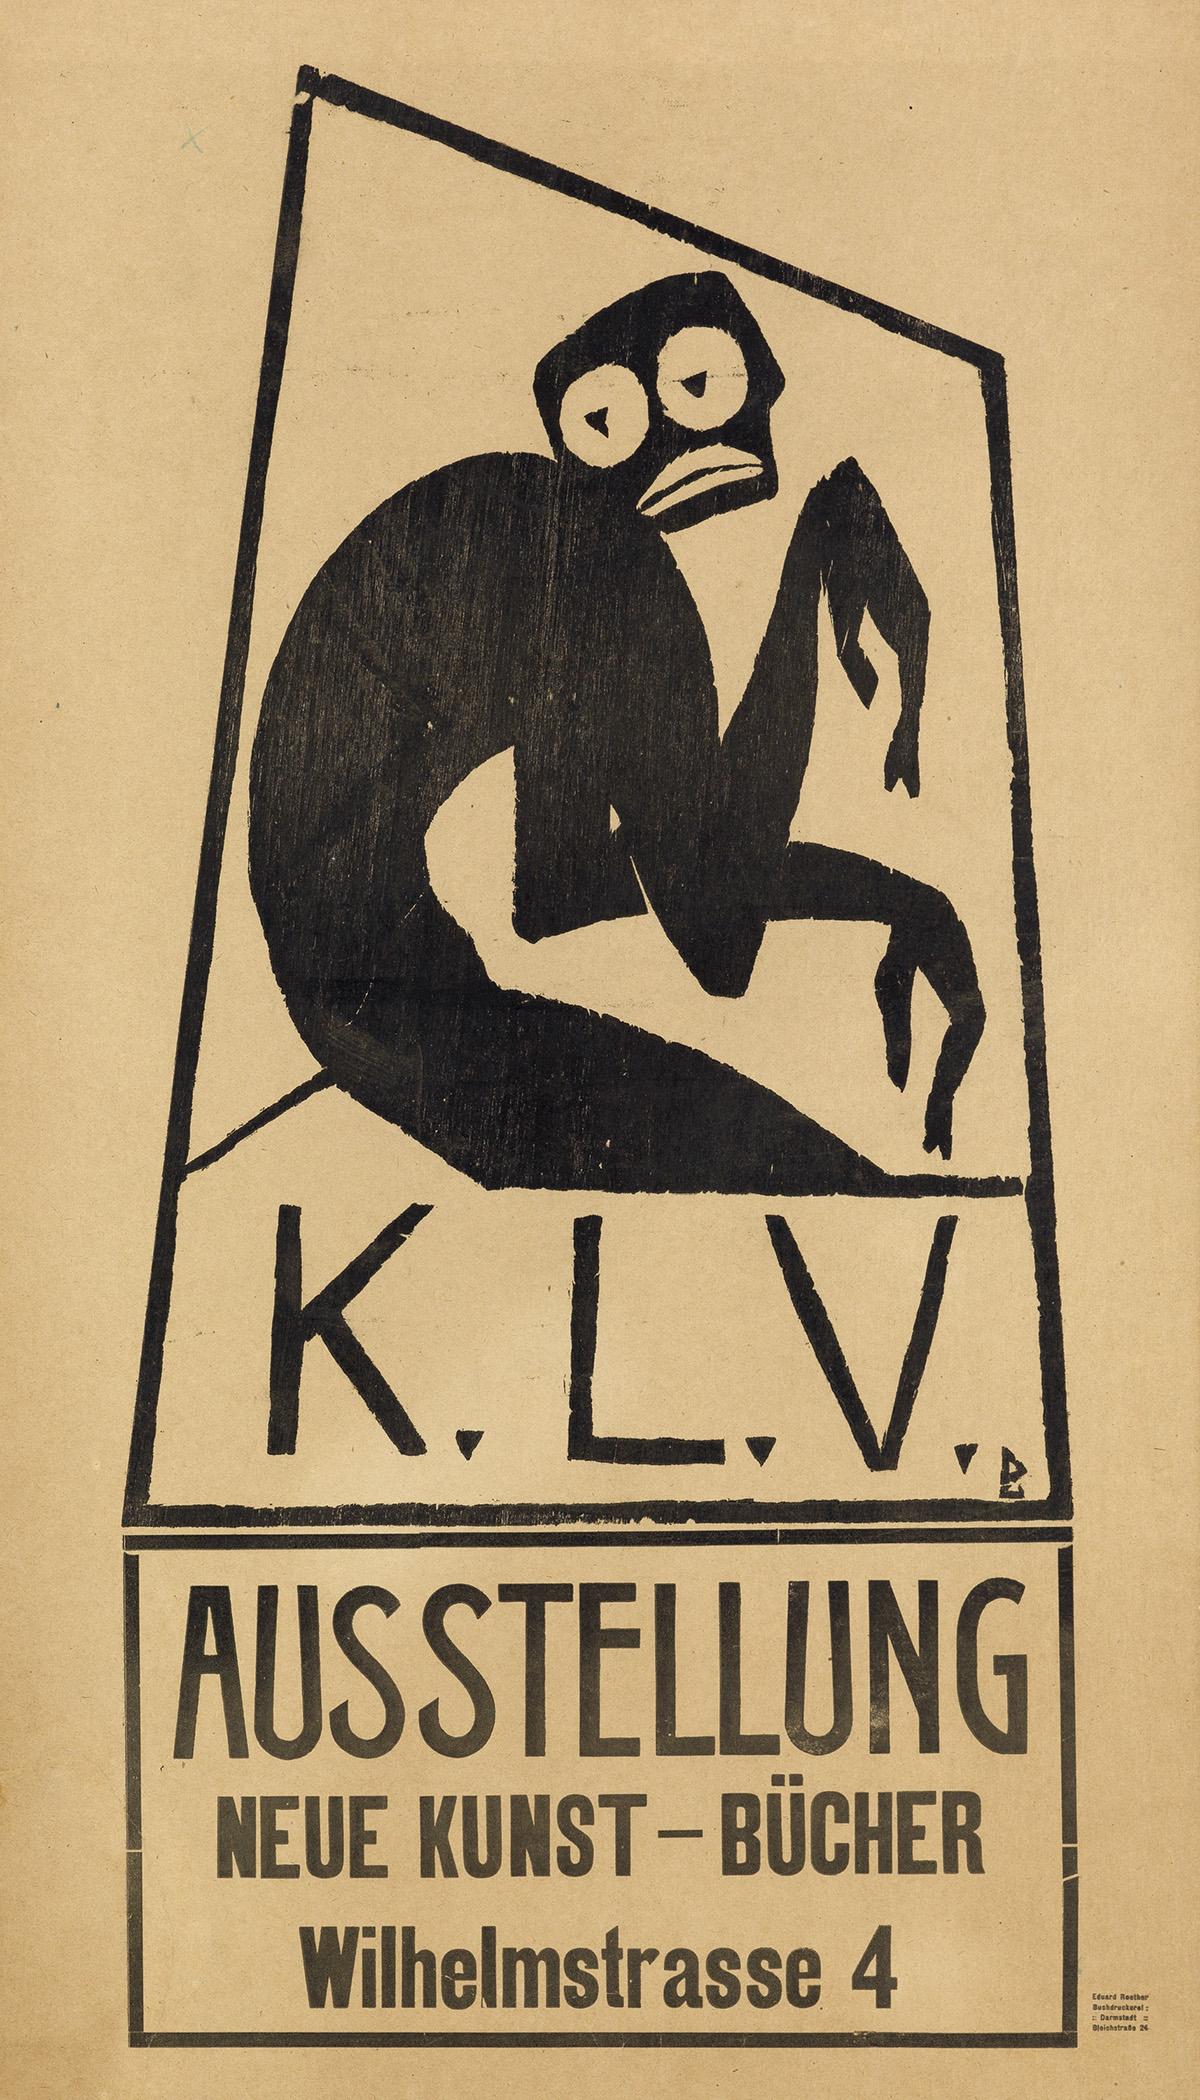 DESIGNER-UNKNOWN-KLV--AUSSTELLUNG-NEUE-KUNST---BÜCHER-25x14-